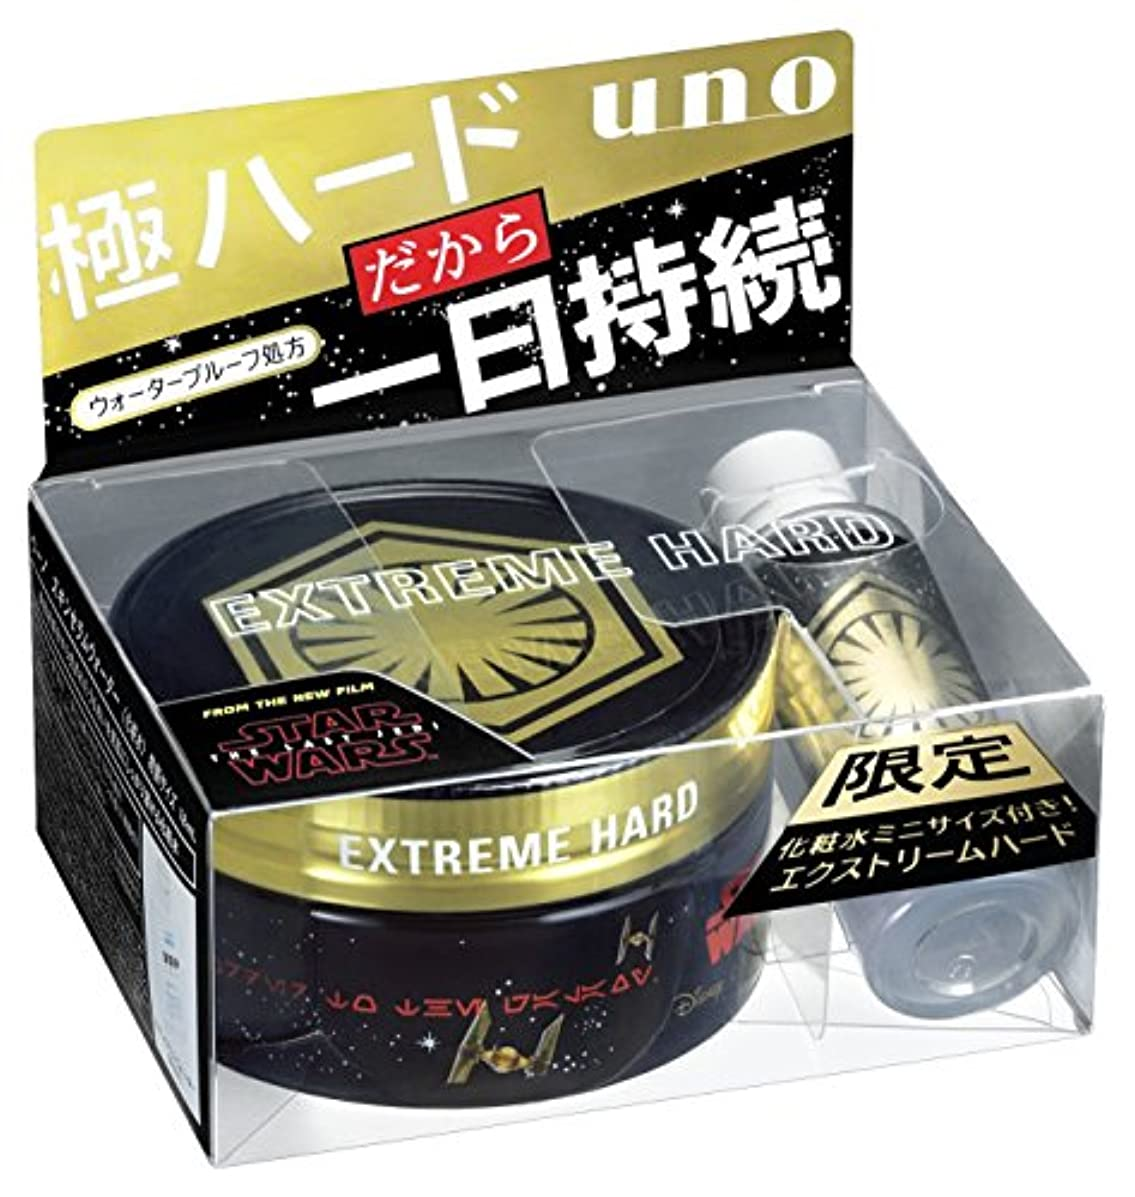 西ポータブル特定のuno(ウーノ) ウーノ エクストリームハード ワックス 80g スキンセラムウォーターミニボトル付(スターウォーズEp8)